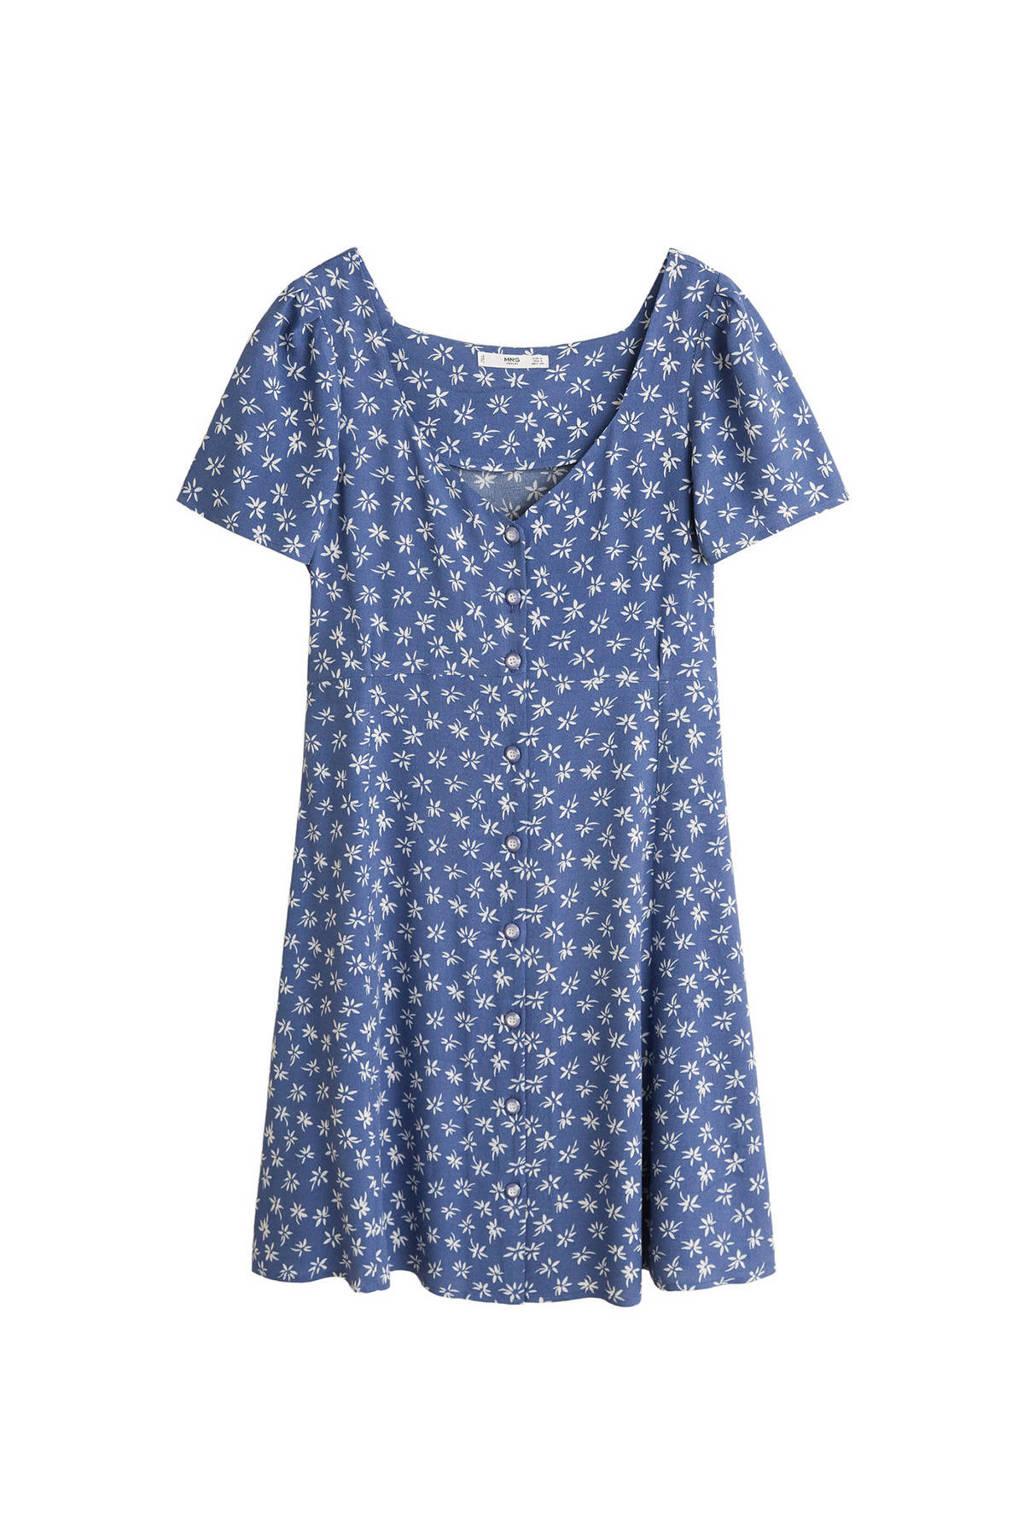 Mango gebloemde jurk, Blauw/wit